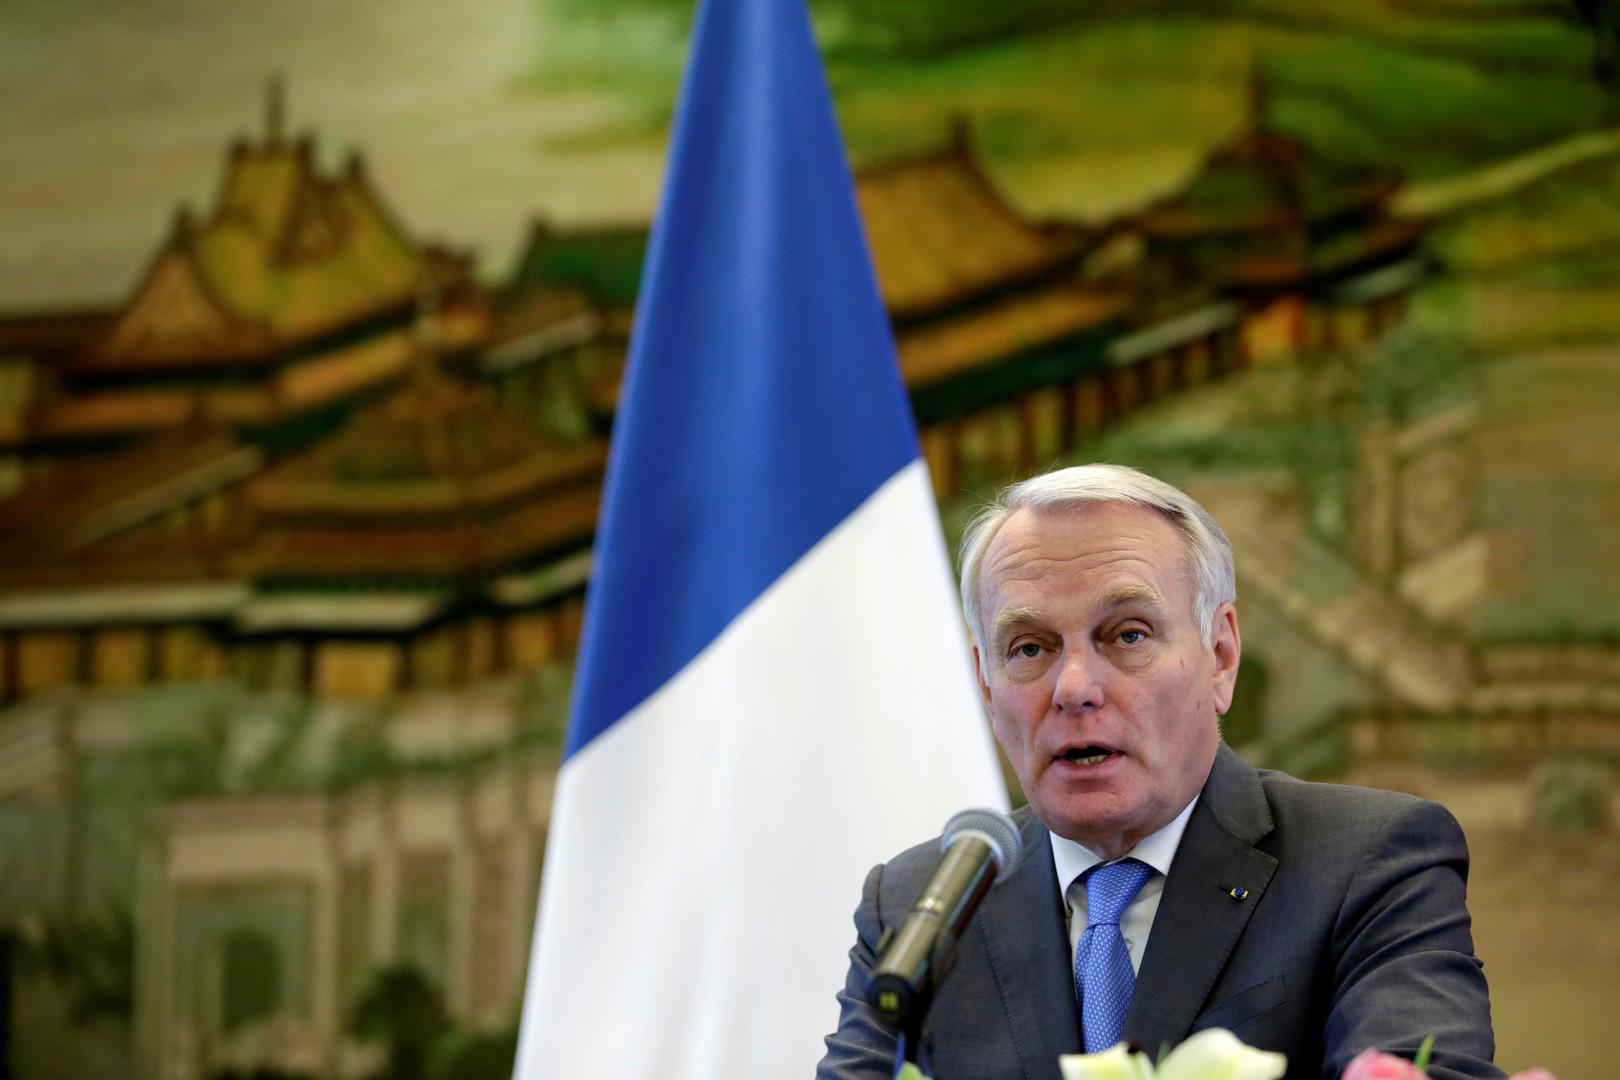 Der französische Außenminister Jean-Marc Ayrault